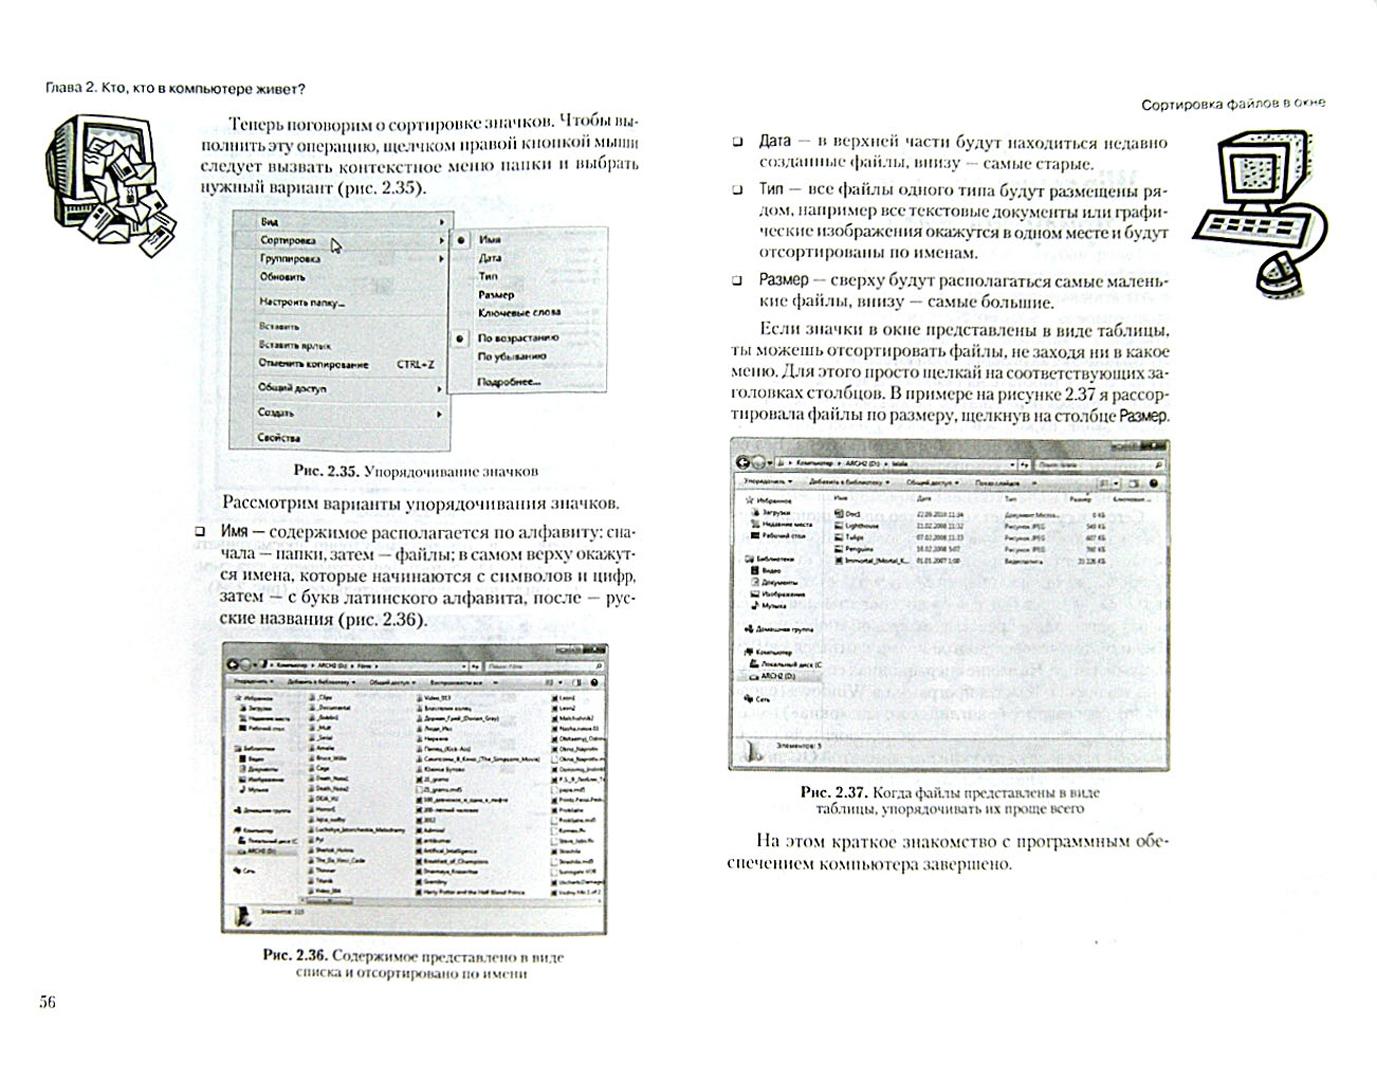 Иллюстрация 1 из 6 для Компьютер для женщин - Марина Виннер   Лабиринт - книги. Источник: Лабиринт